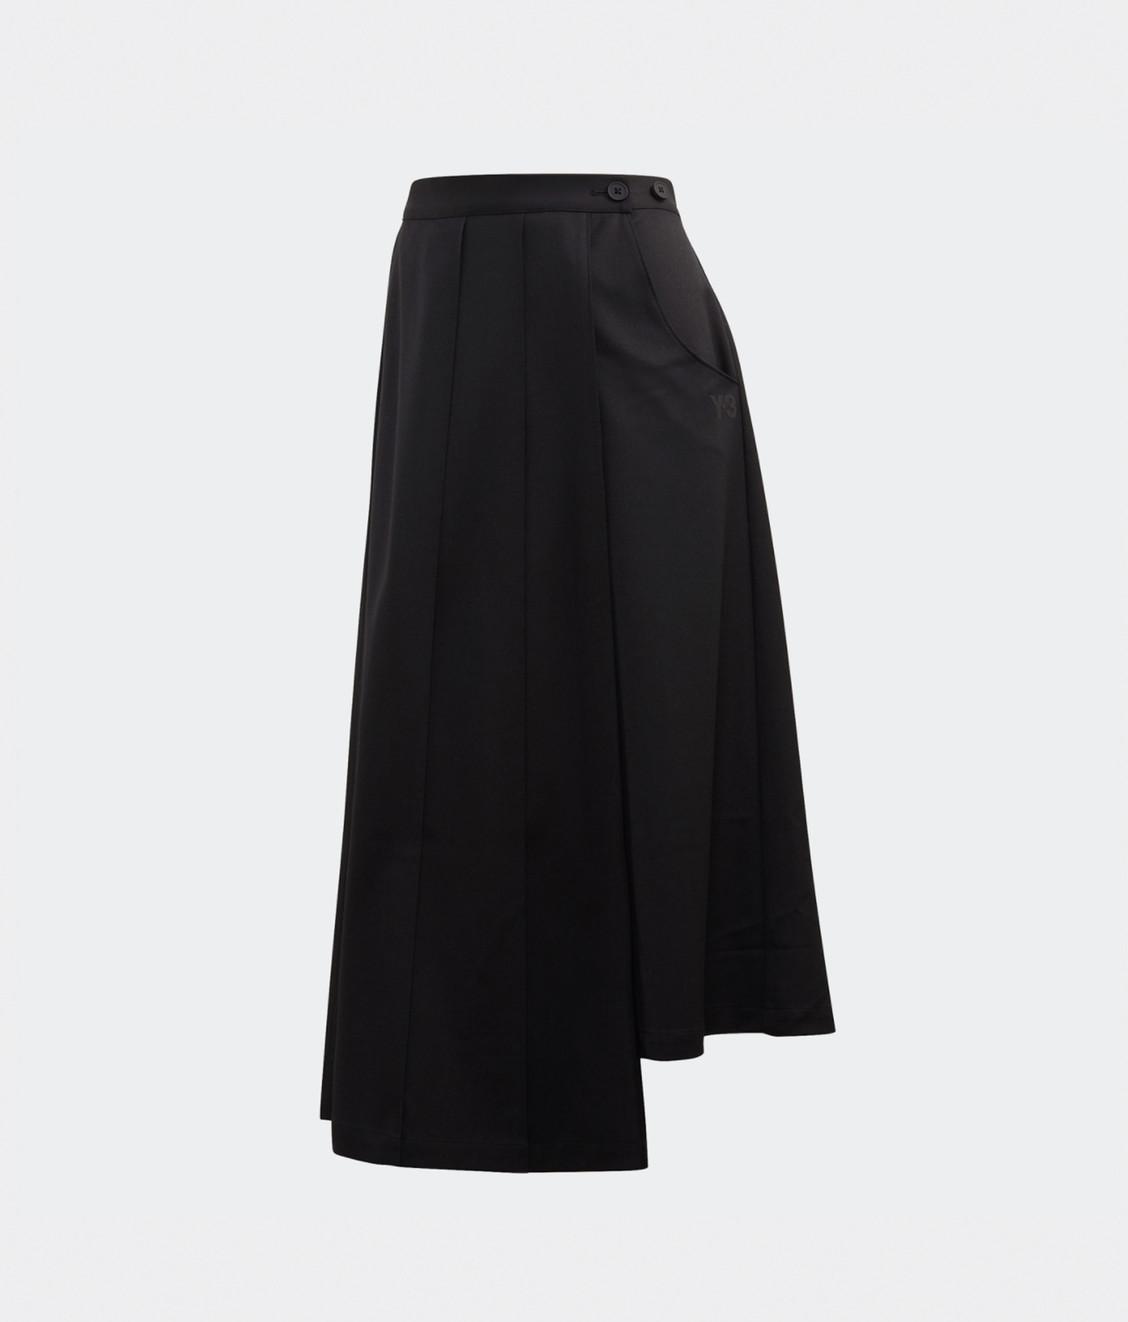 Y-3 Y-3 W CL Wool Skort Black